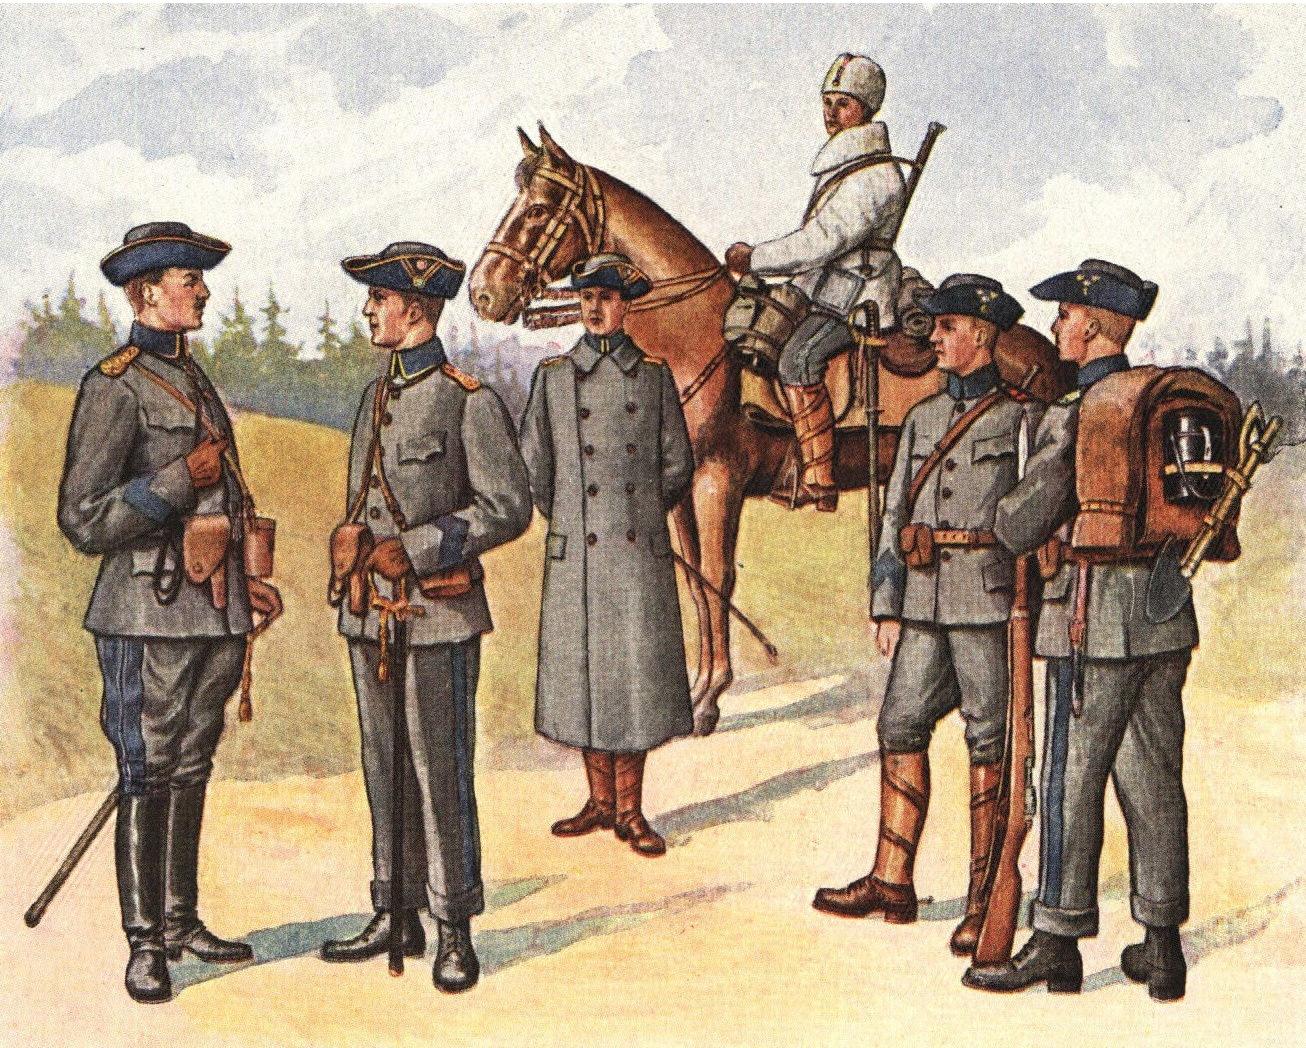 Soldiers wearing randoseru